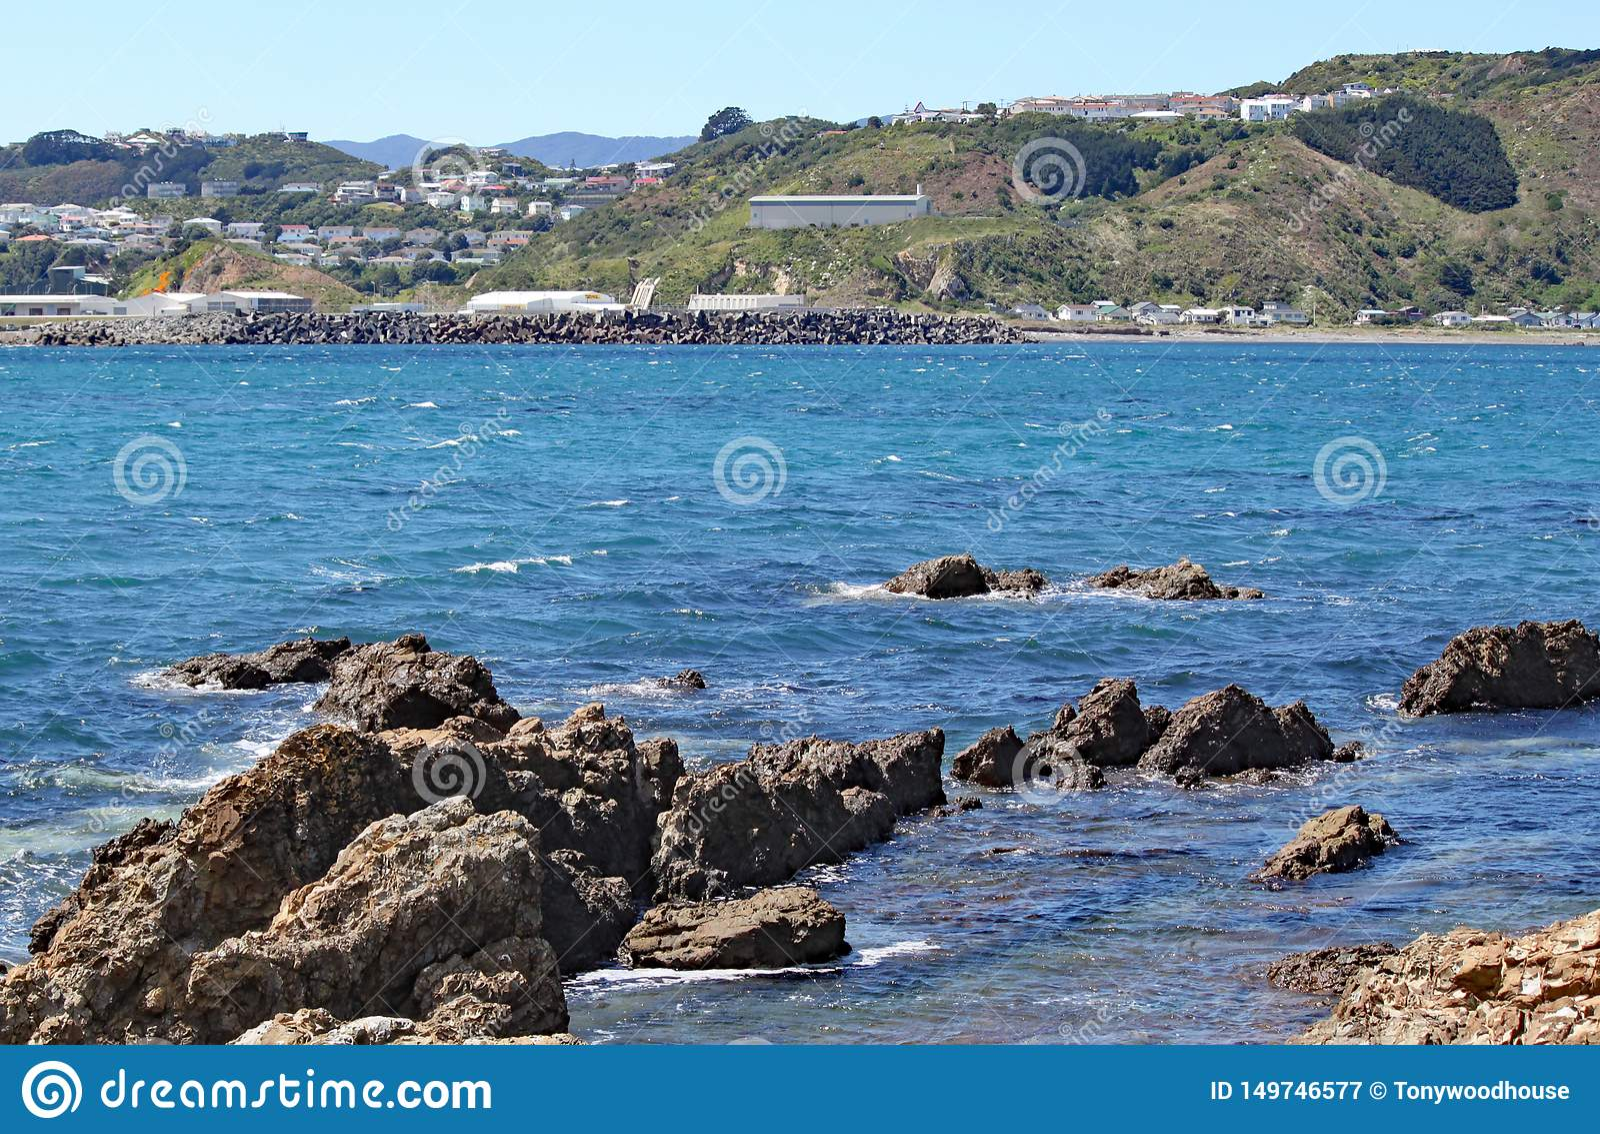 Οδοντωτοί βράχοι στην άκρη του κόλπου Lyall στον Ουέλλινγκτον, Νέα Ζηλανδία Τα κτήρια αερολιμένων μπορούν ακριβώς να δουν στο υπό